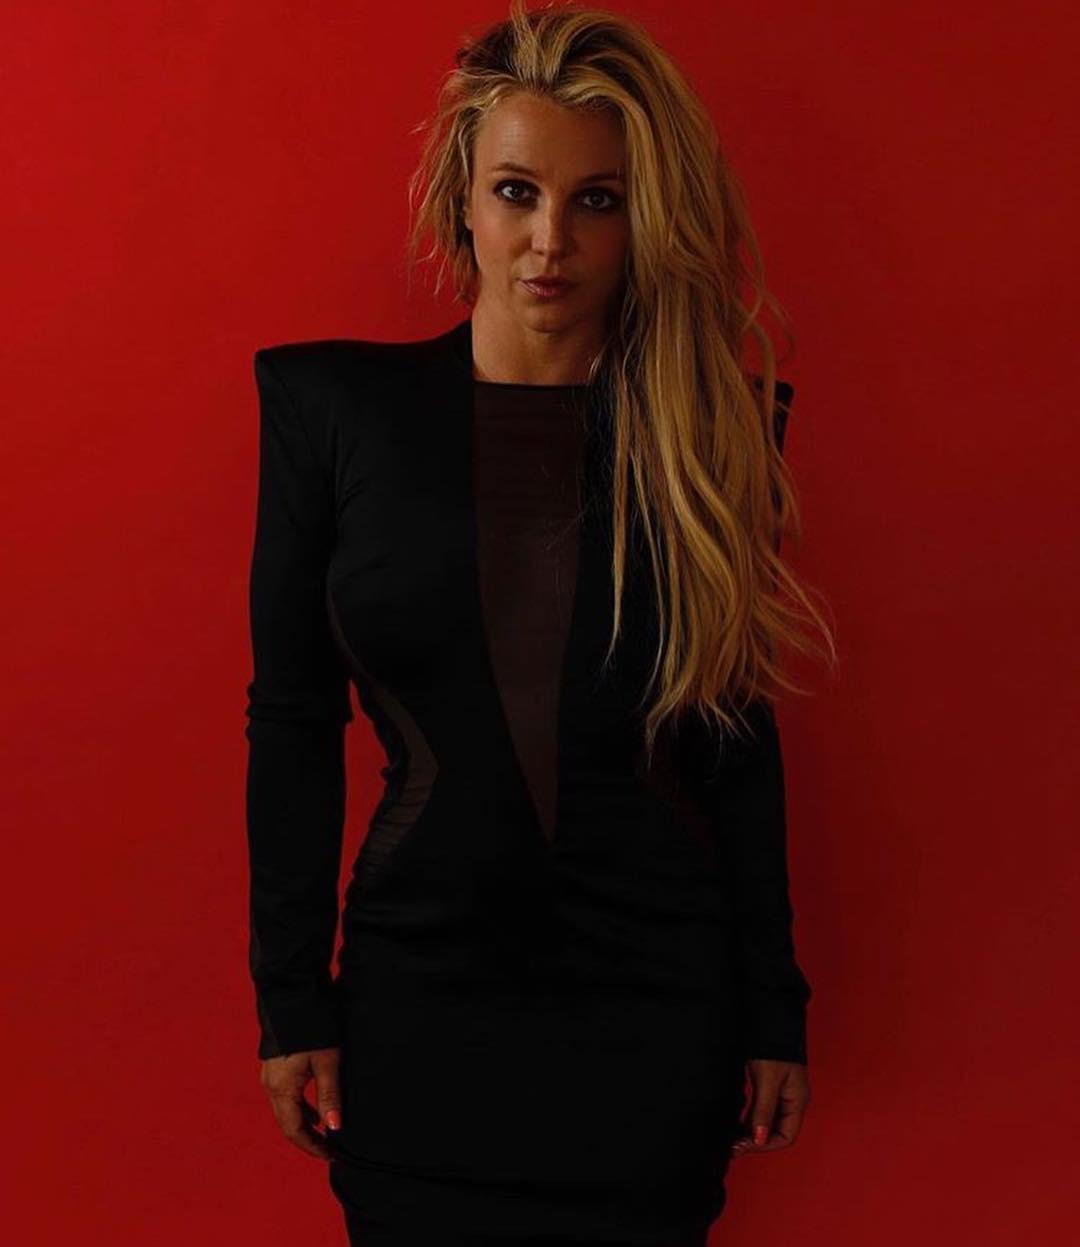 Britney Spears hủy tour rồi biến mất 3 tháng, Miley Cyrus hô vang Free Britney ngay giữa concert: chuyện gì đây? - Ảnh 7.